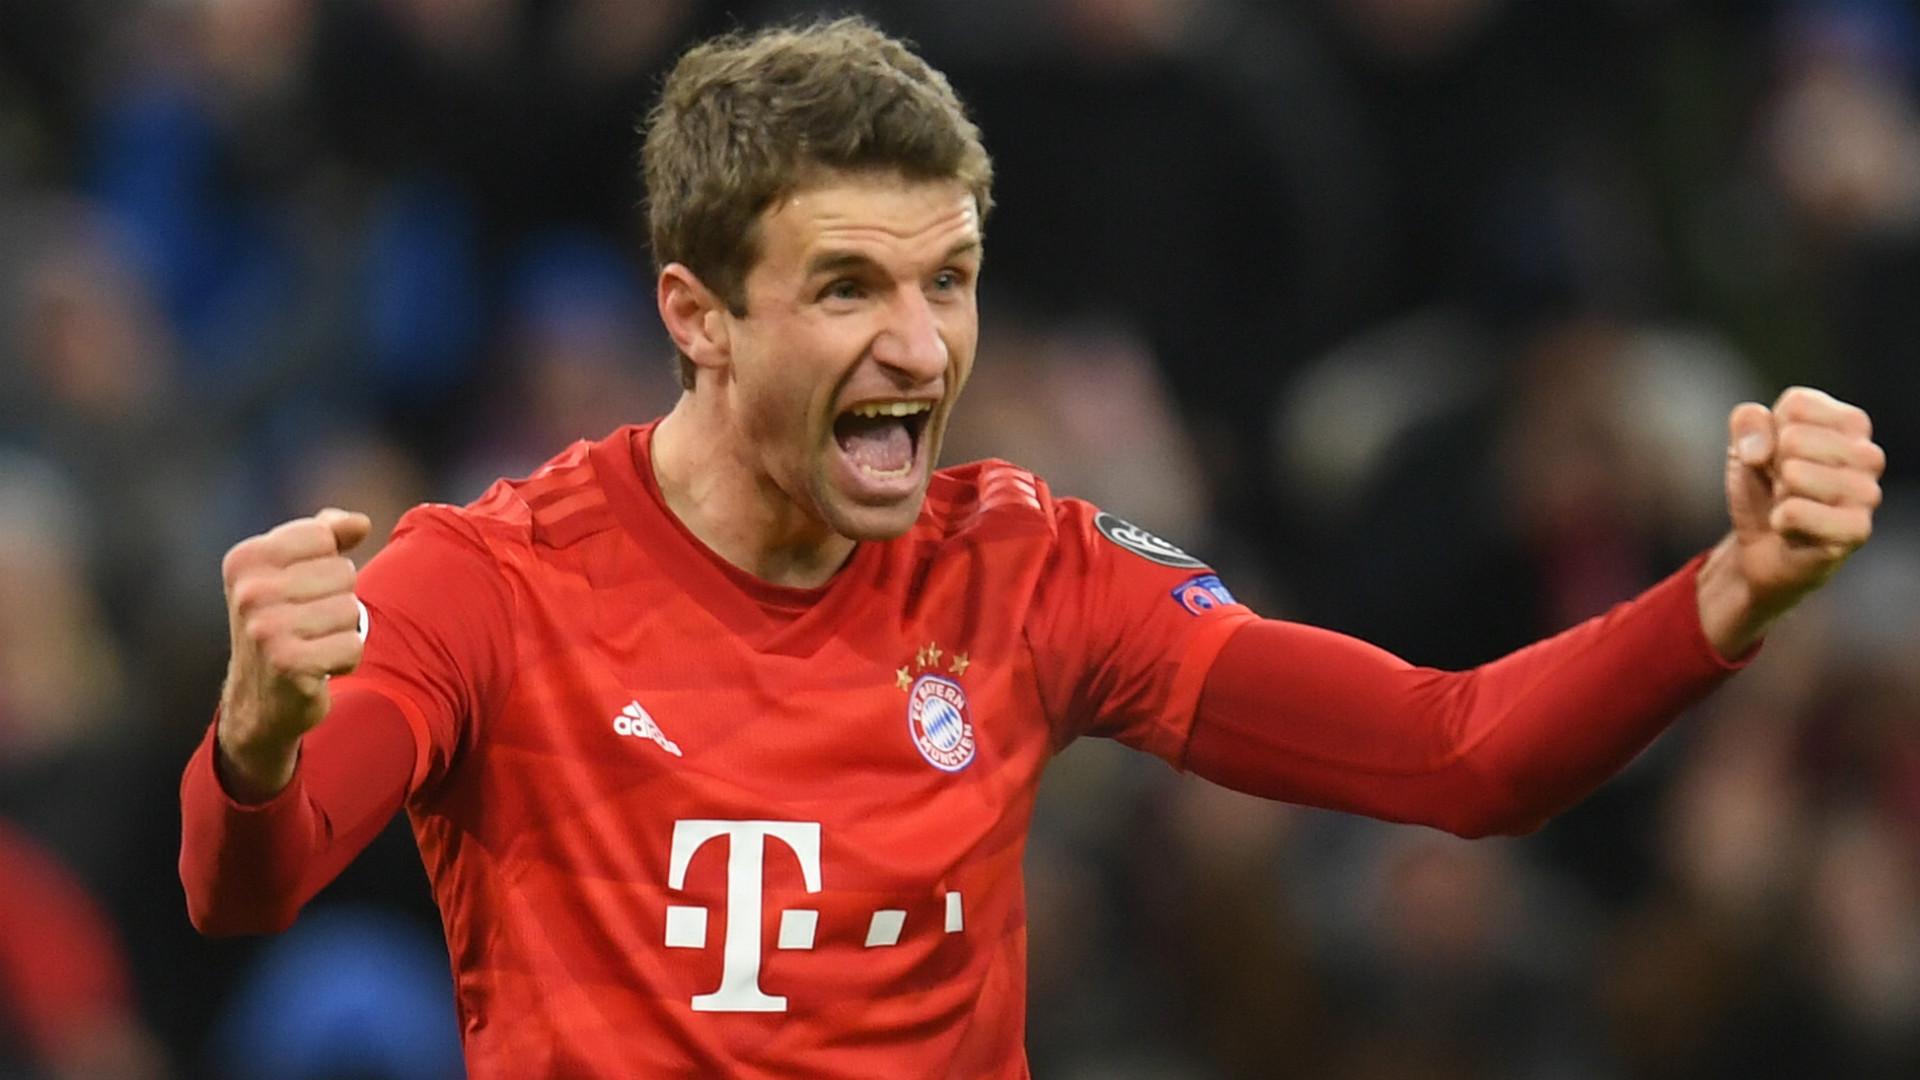 RESMI: Thomas Muller Tambah Kontrak Di Bayern Munich | Goal.com